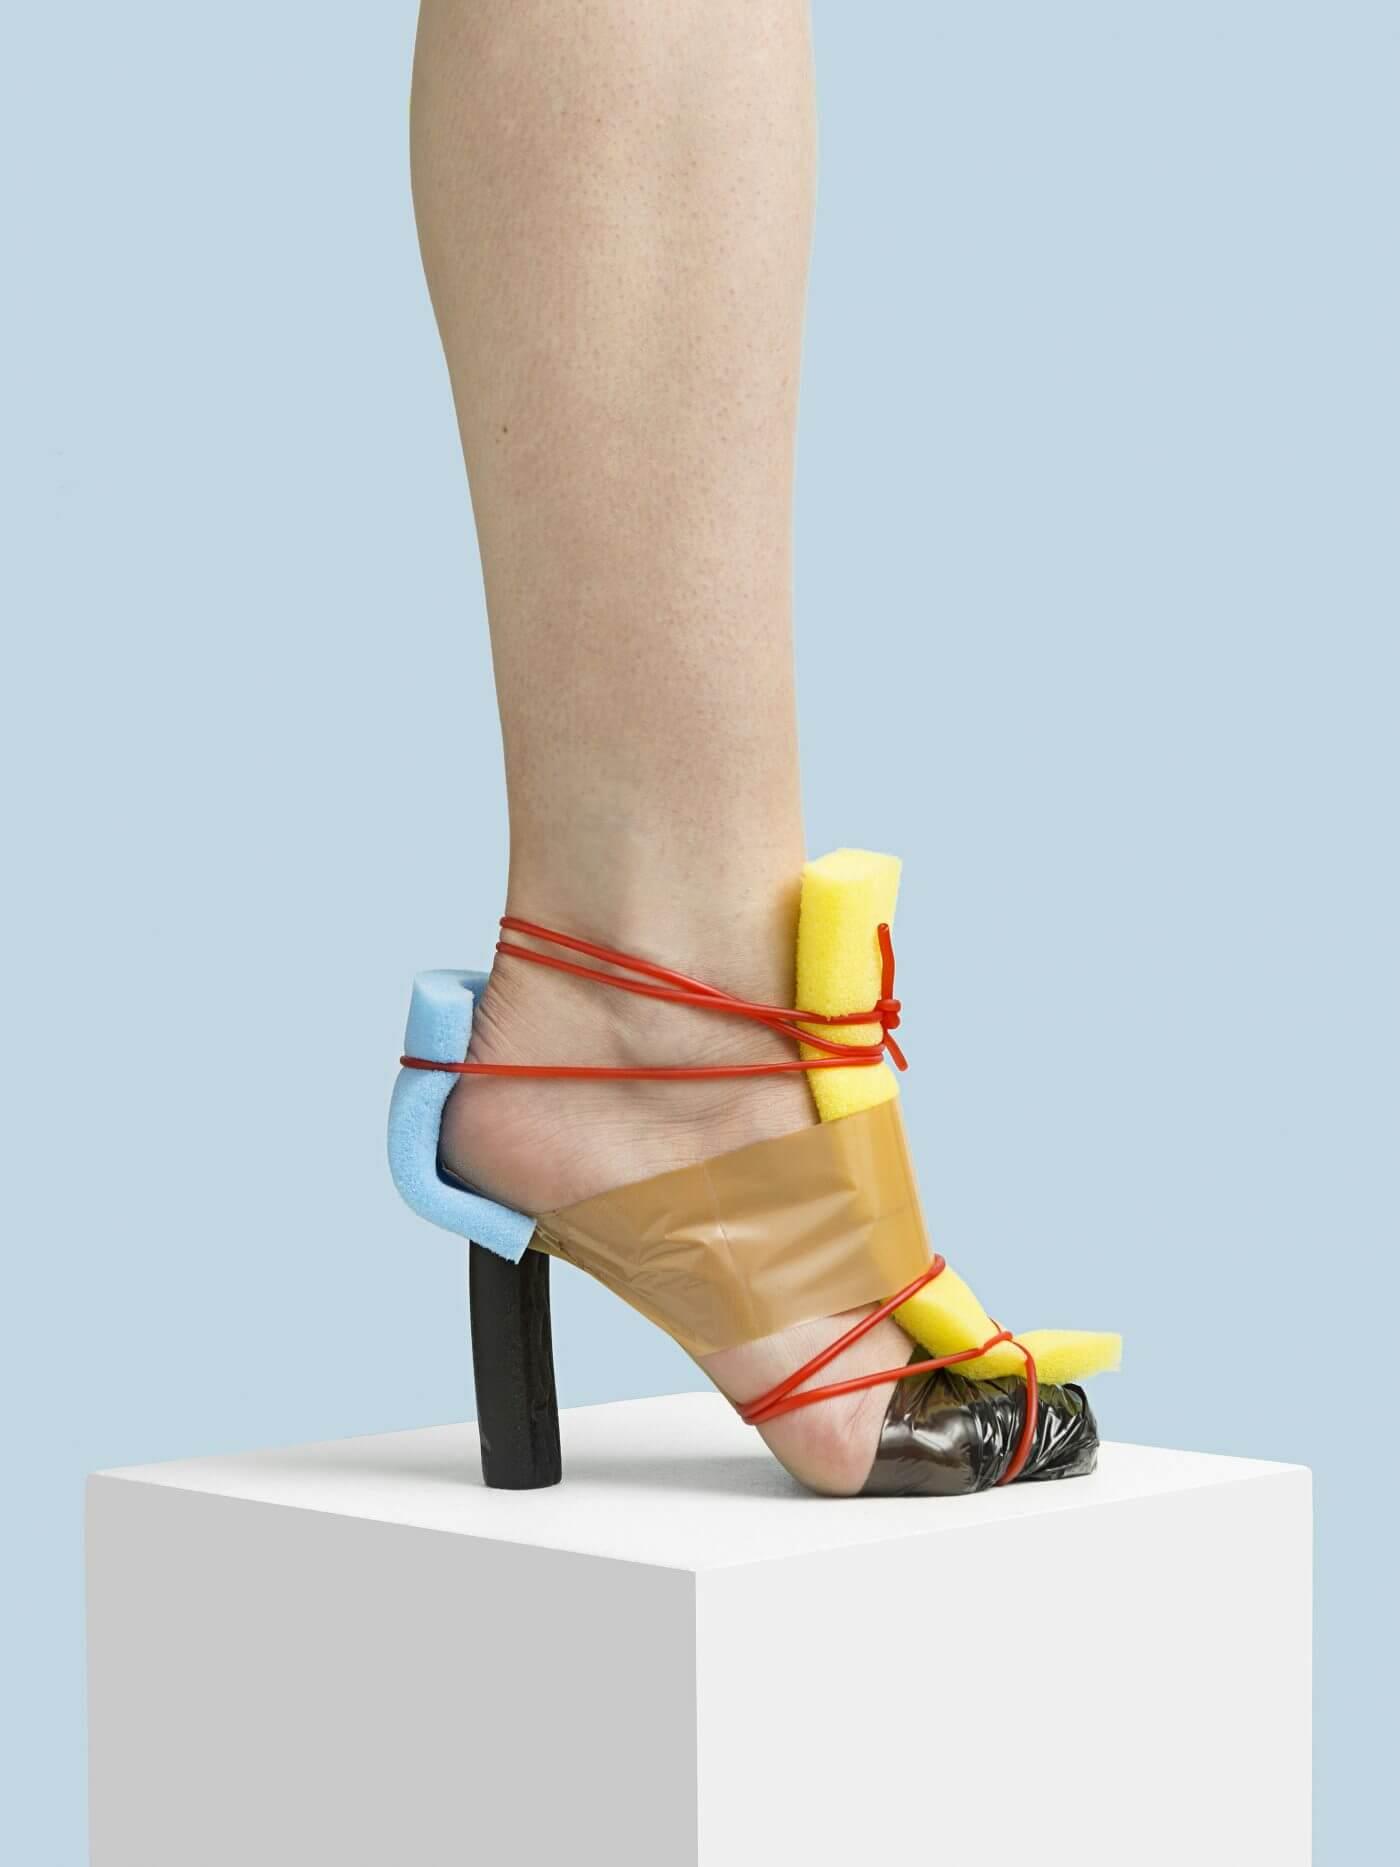 nikolaj beyer unique shoes 4 (1)